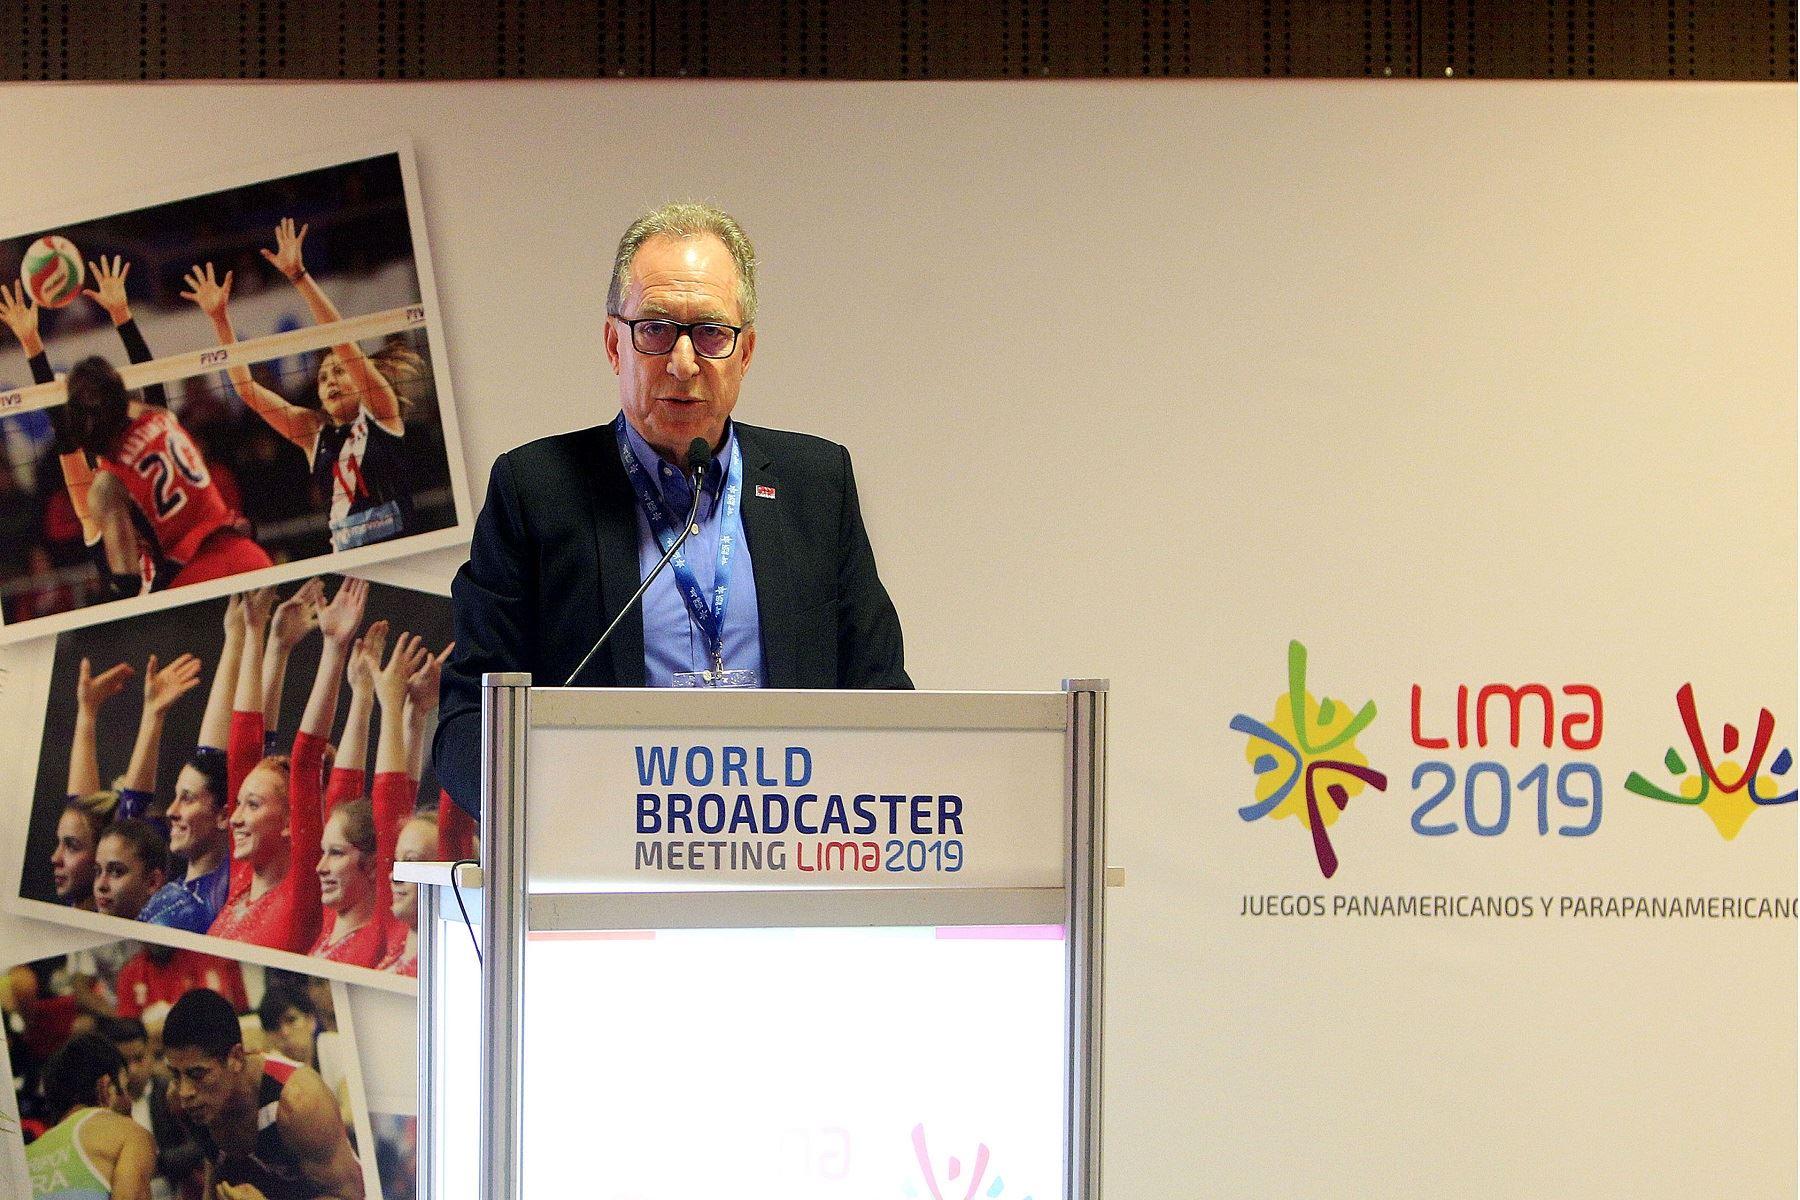 José Luis Rubio, representante de Mediapro, aseguró que se busca generar identidad con los Juegos Lima 2019